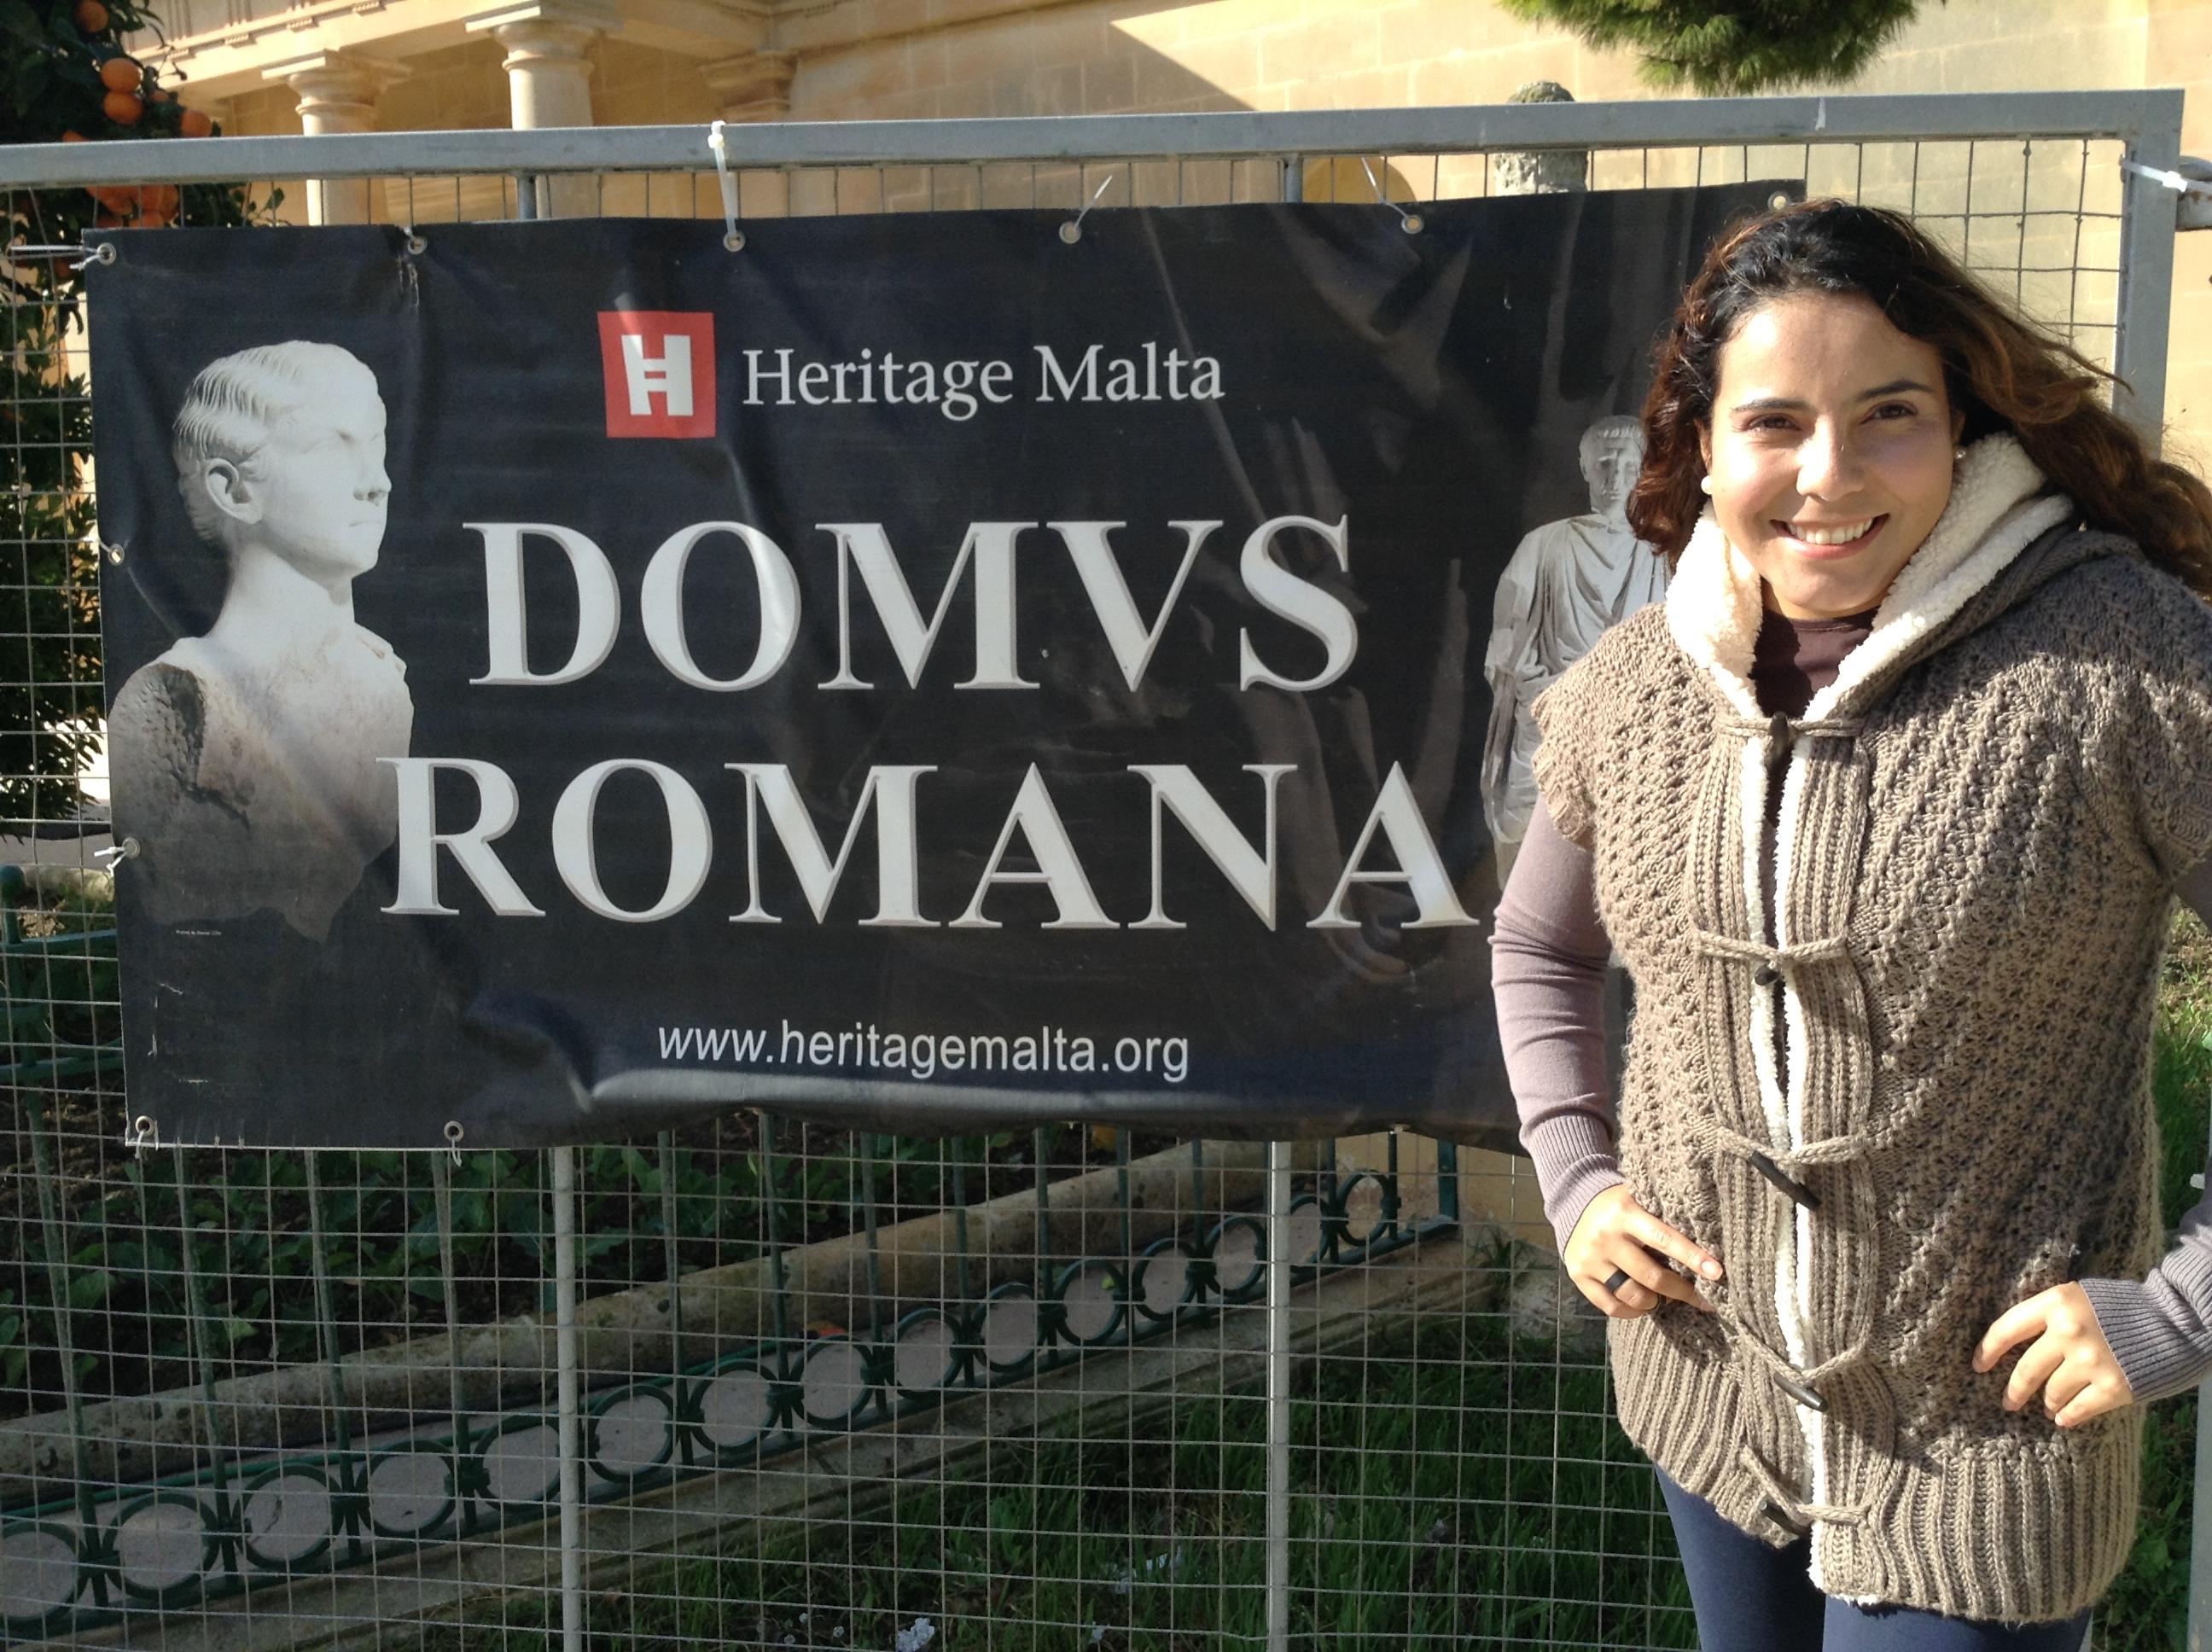 domvs-romana-malta